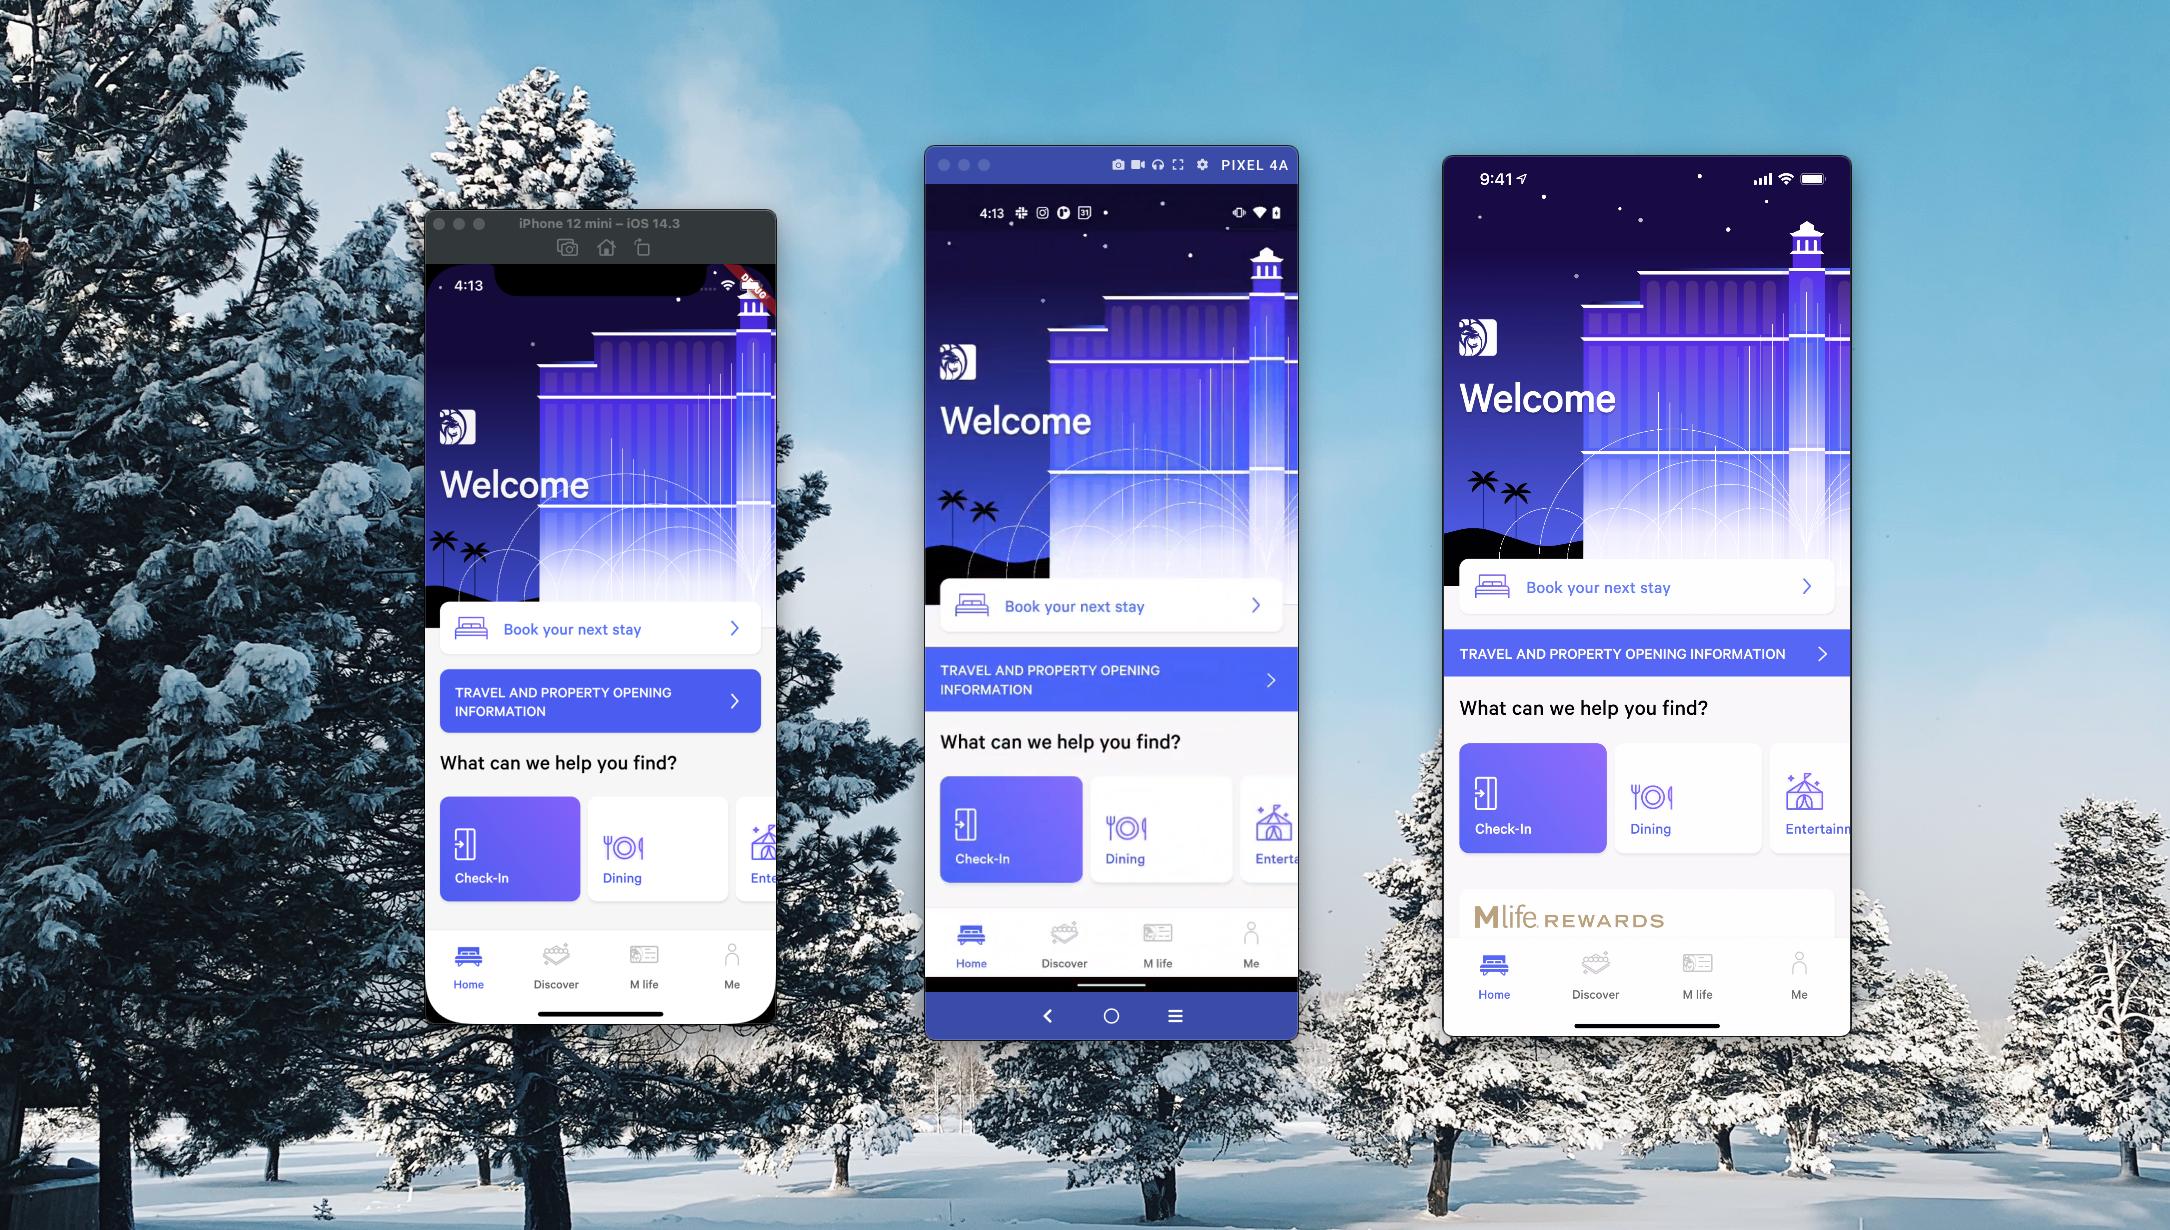 Mobile app UI demos